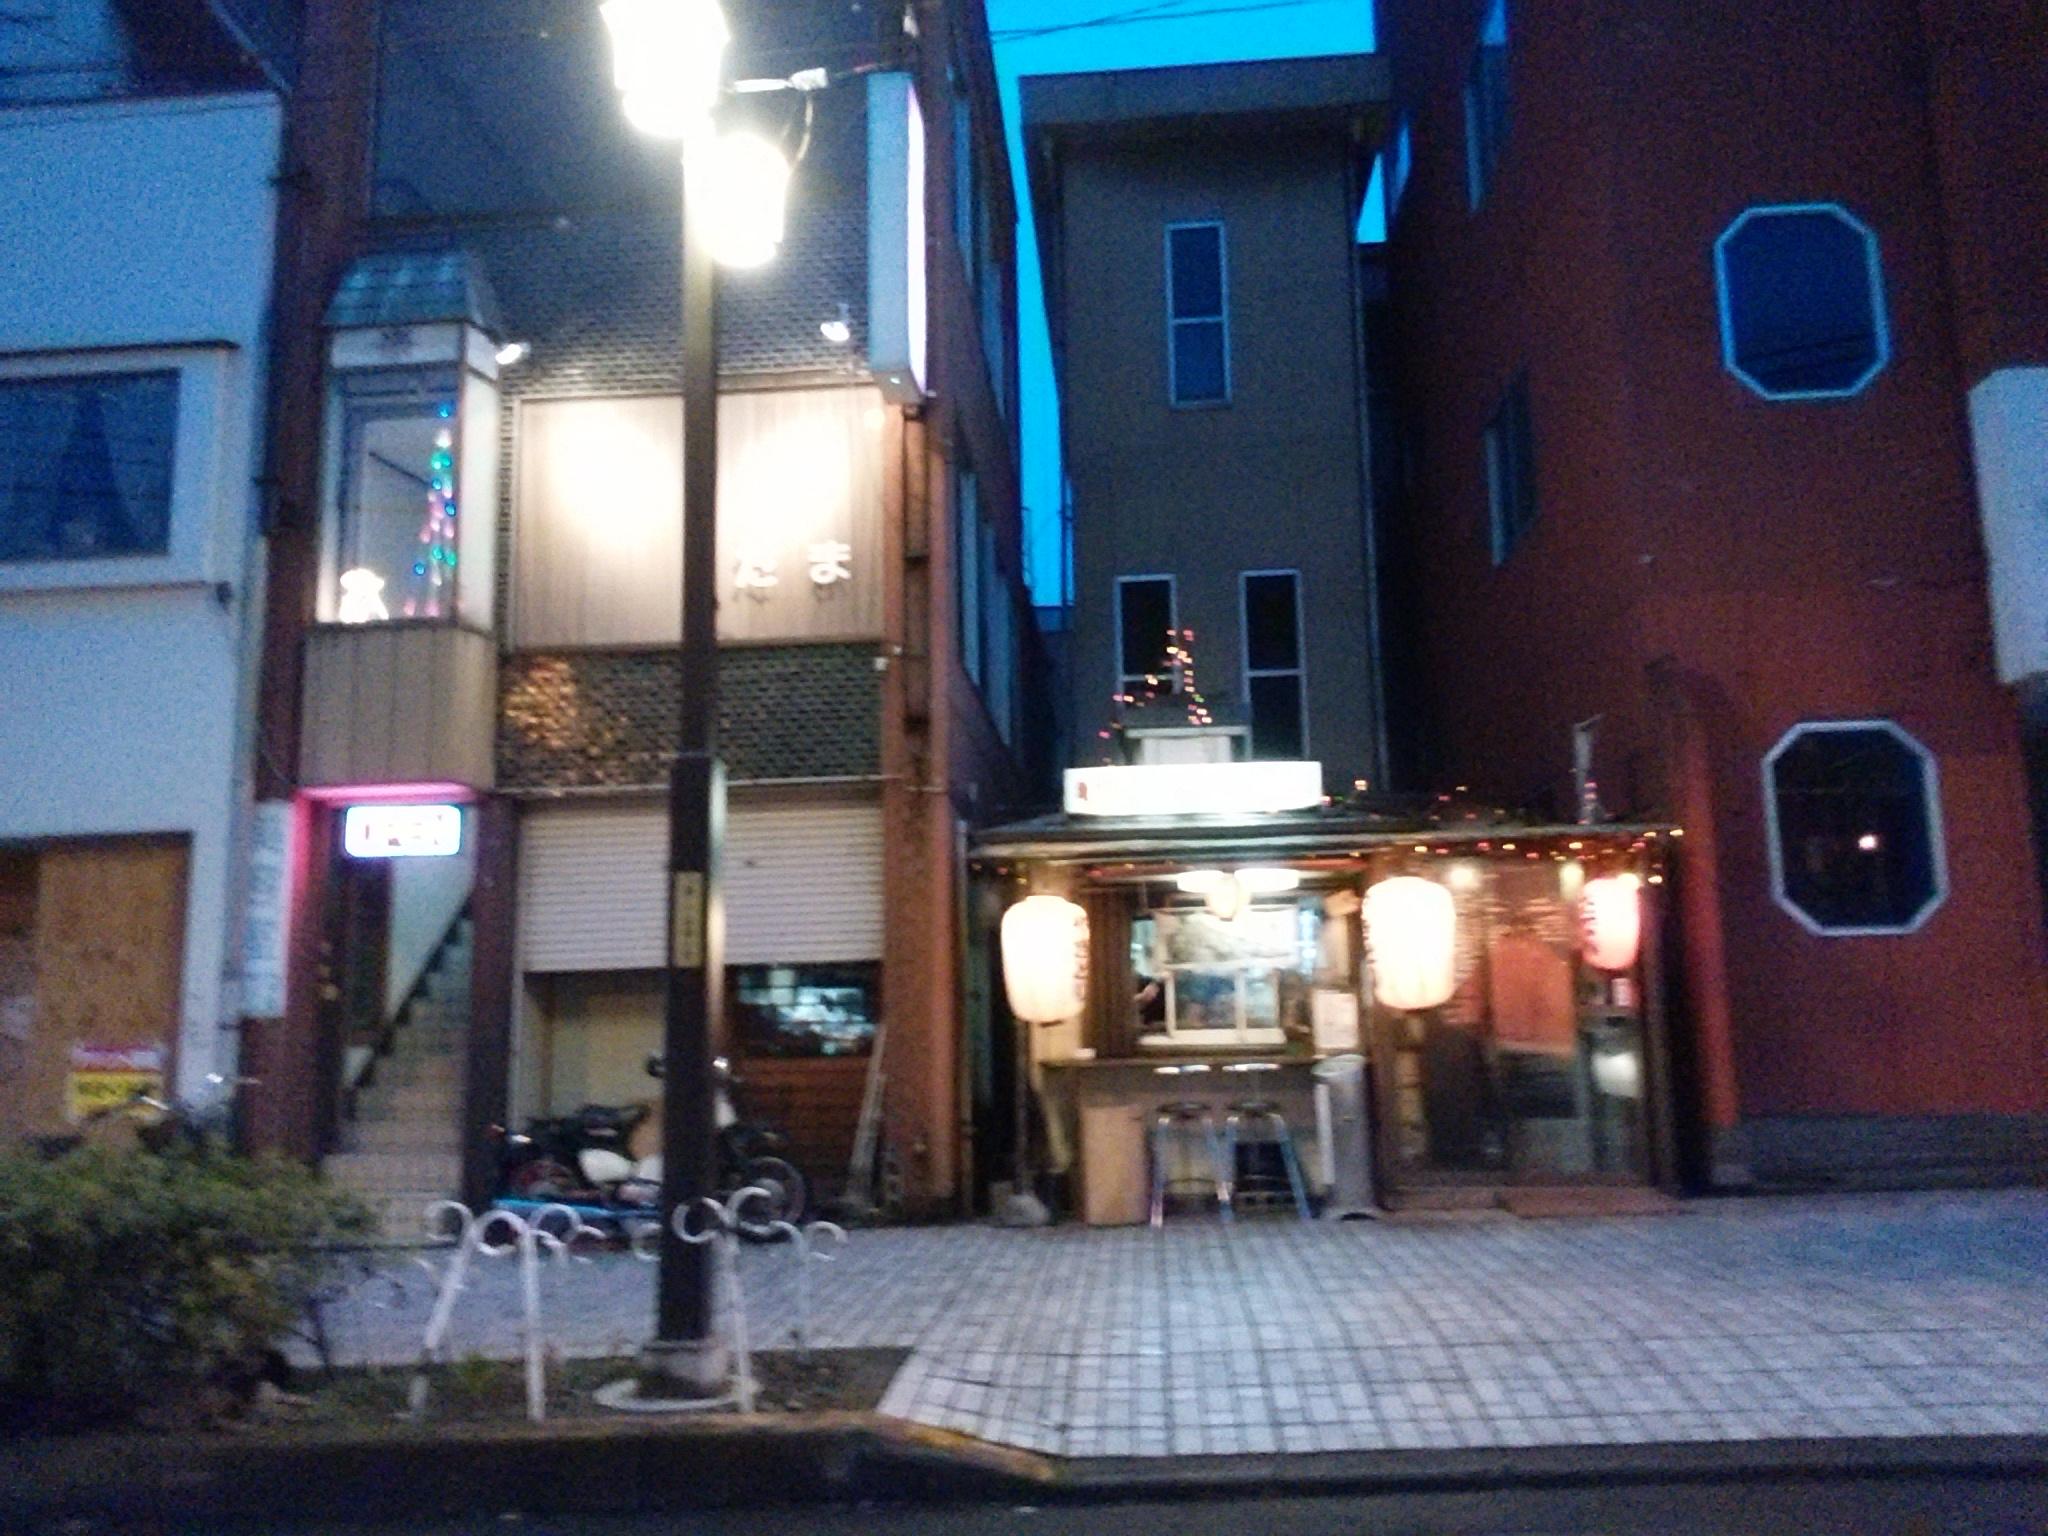 足利の東武伊勢崎線の足利市駅の所にある中橋を越えてすぐにある屋台風な焼き鳥屋さん知ってますか?